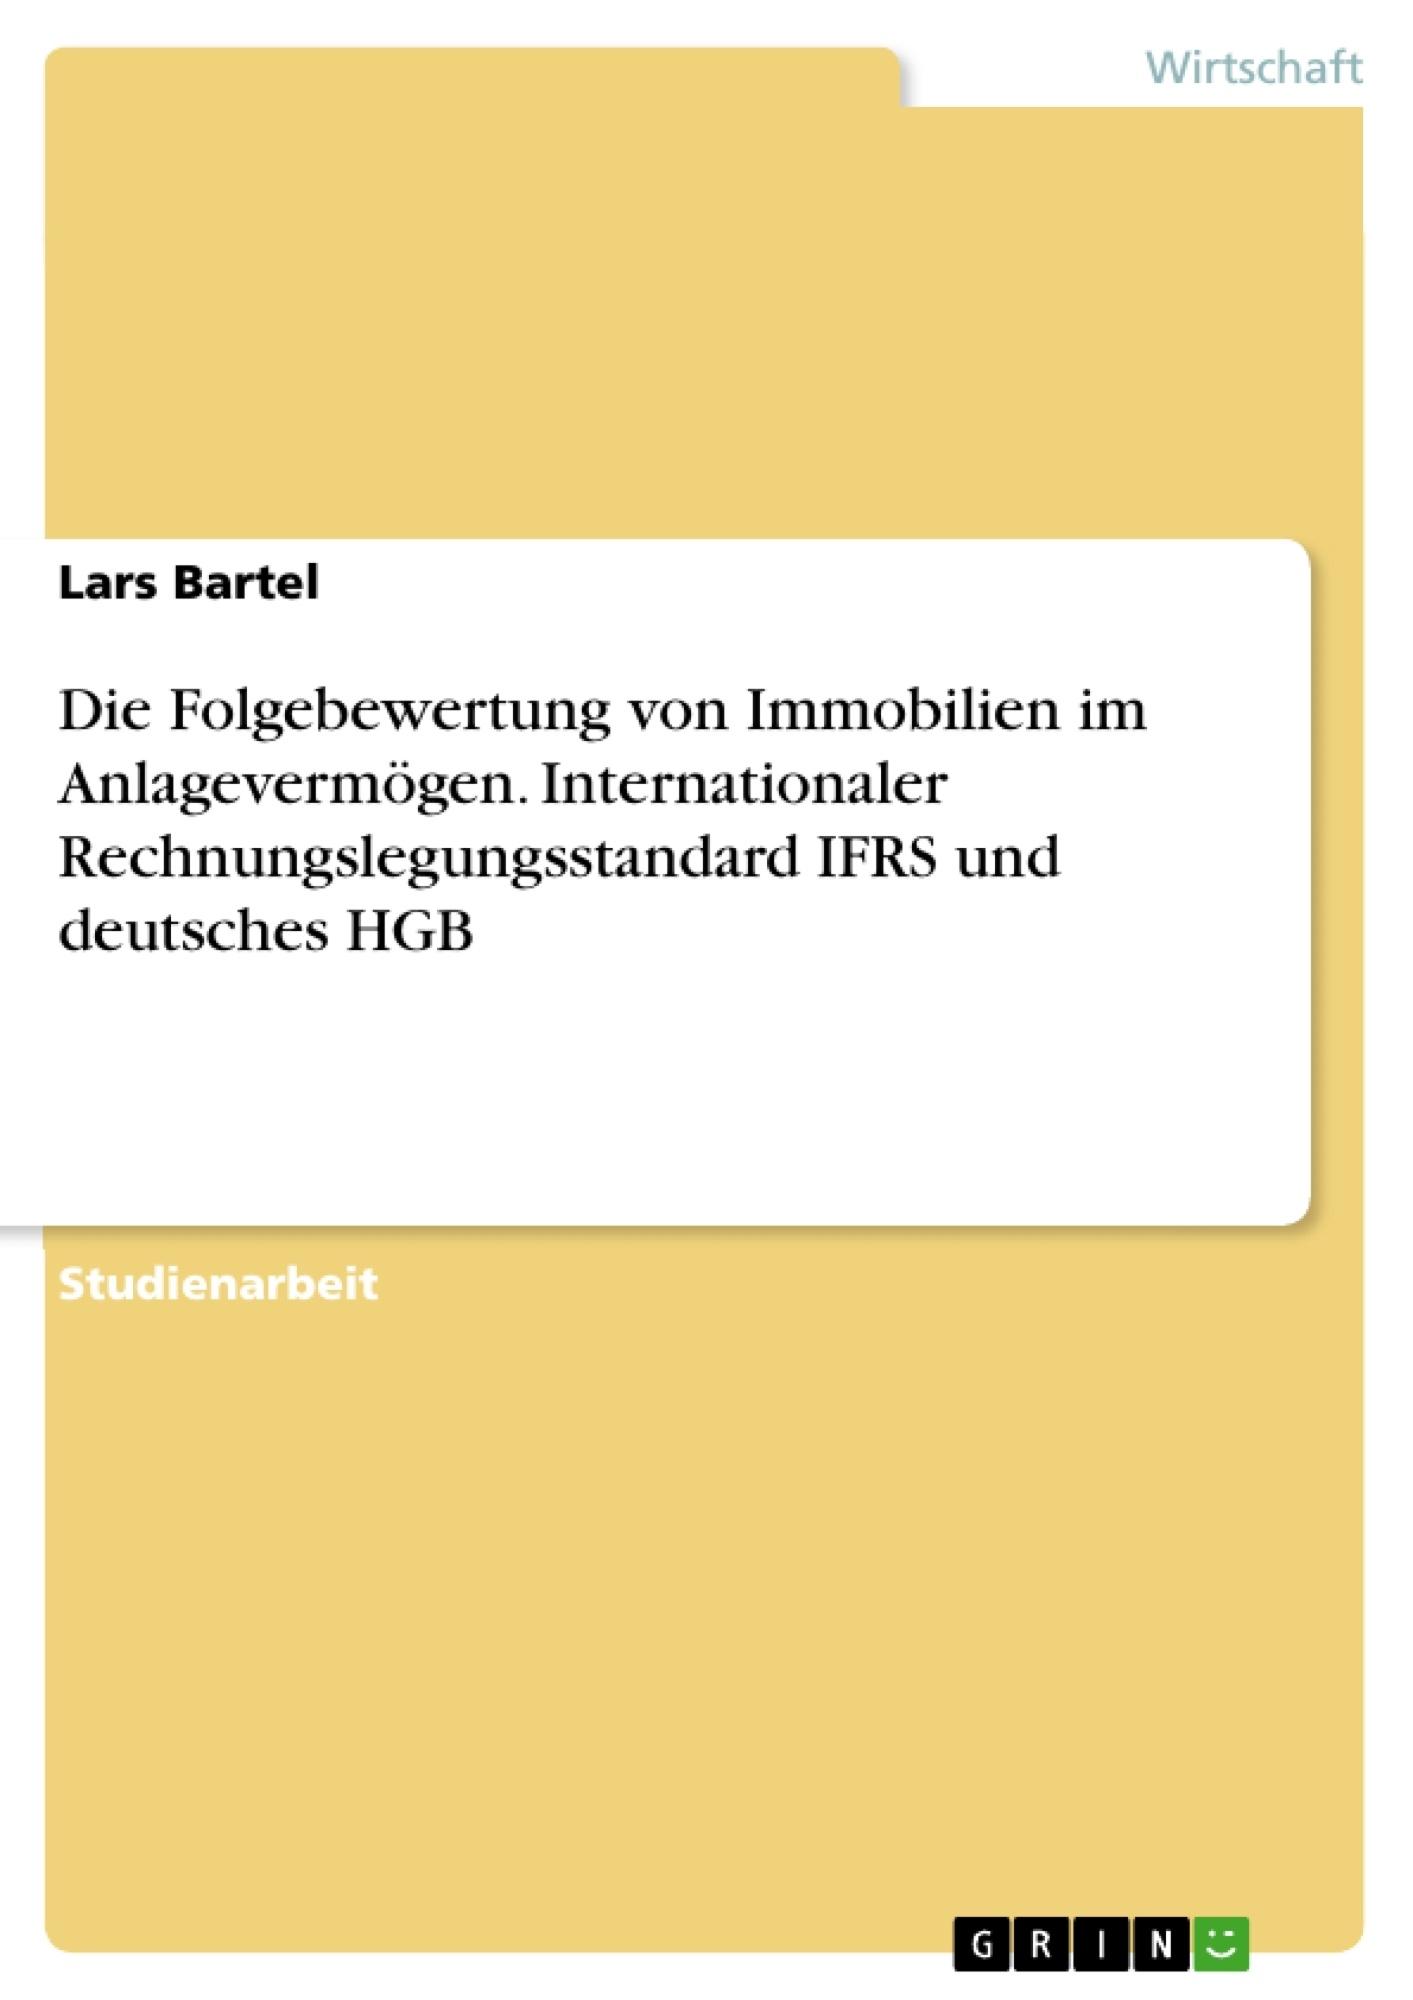 Titel: Die Folgebewertung von Immobilien im Anlagevermögen. Internationaler Rechnungslegungsstandard IFRS und deutsches HGB